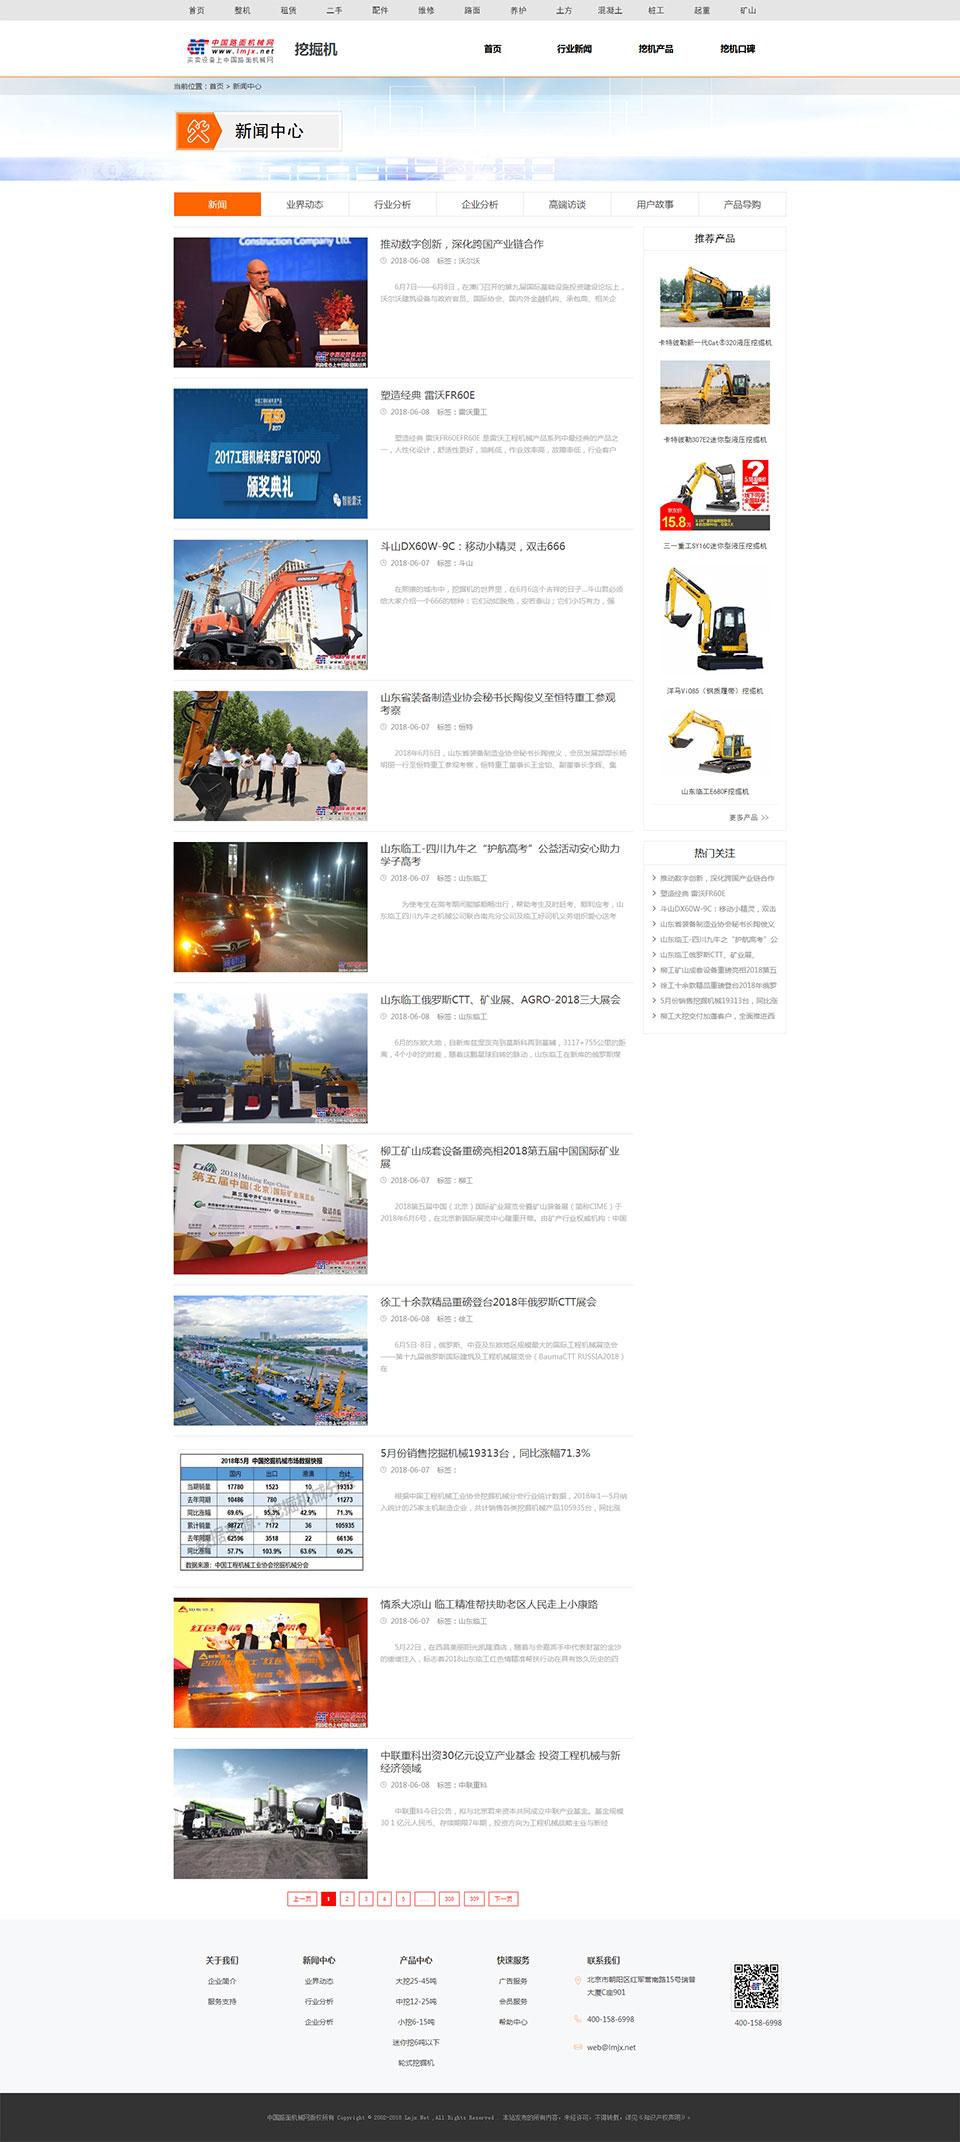 挖掘机新闻-中国路面机械网1.jpg